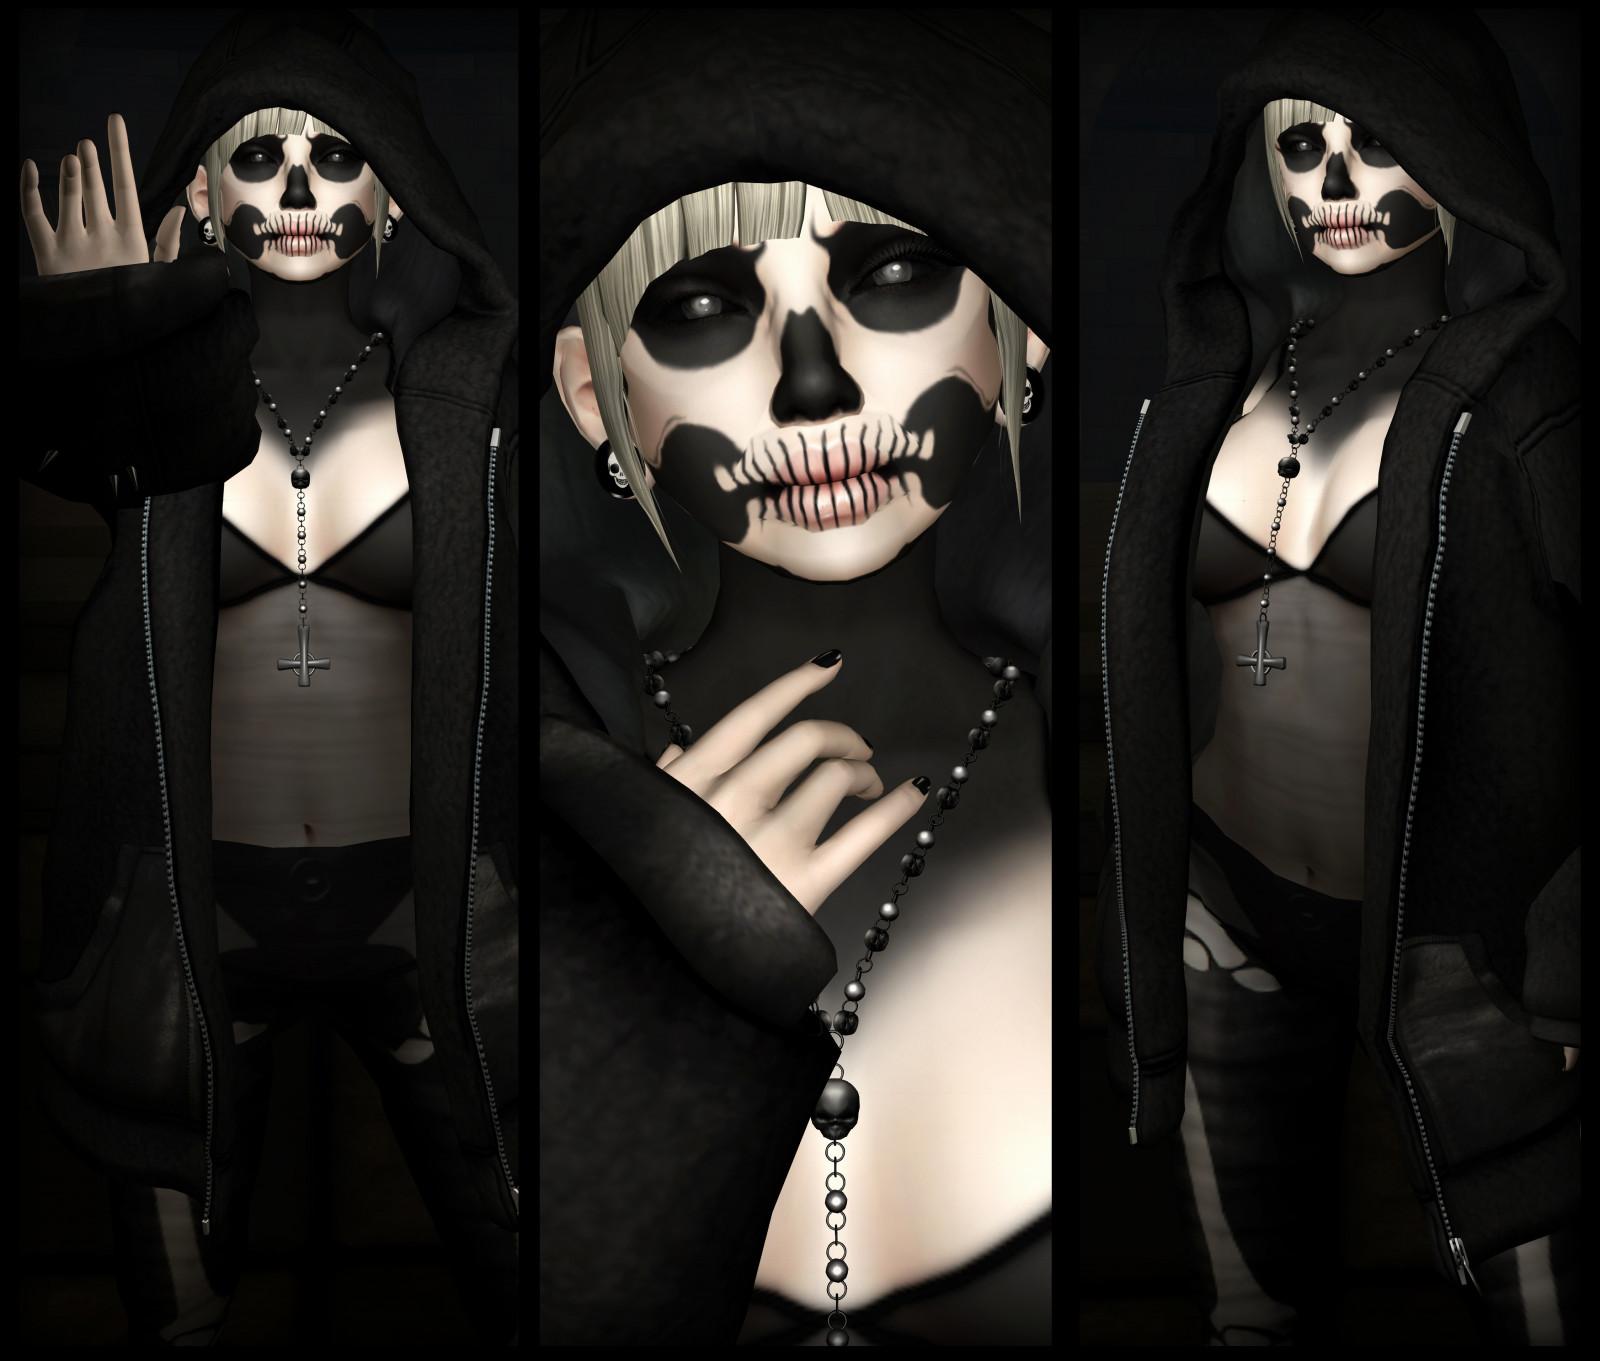 Hintergrundbilder : schwarz, Horror, 3D, gespenstisch, Mode, Schädel ...